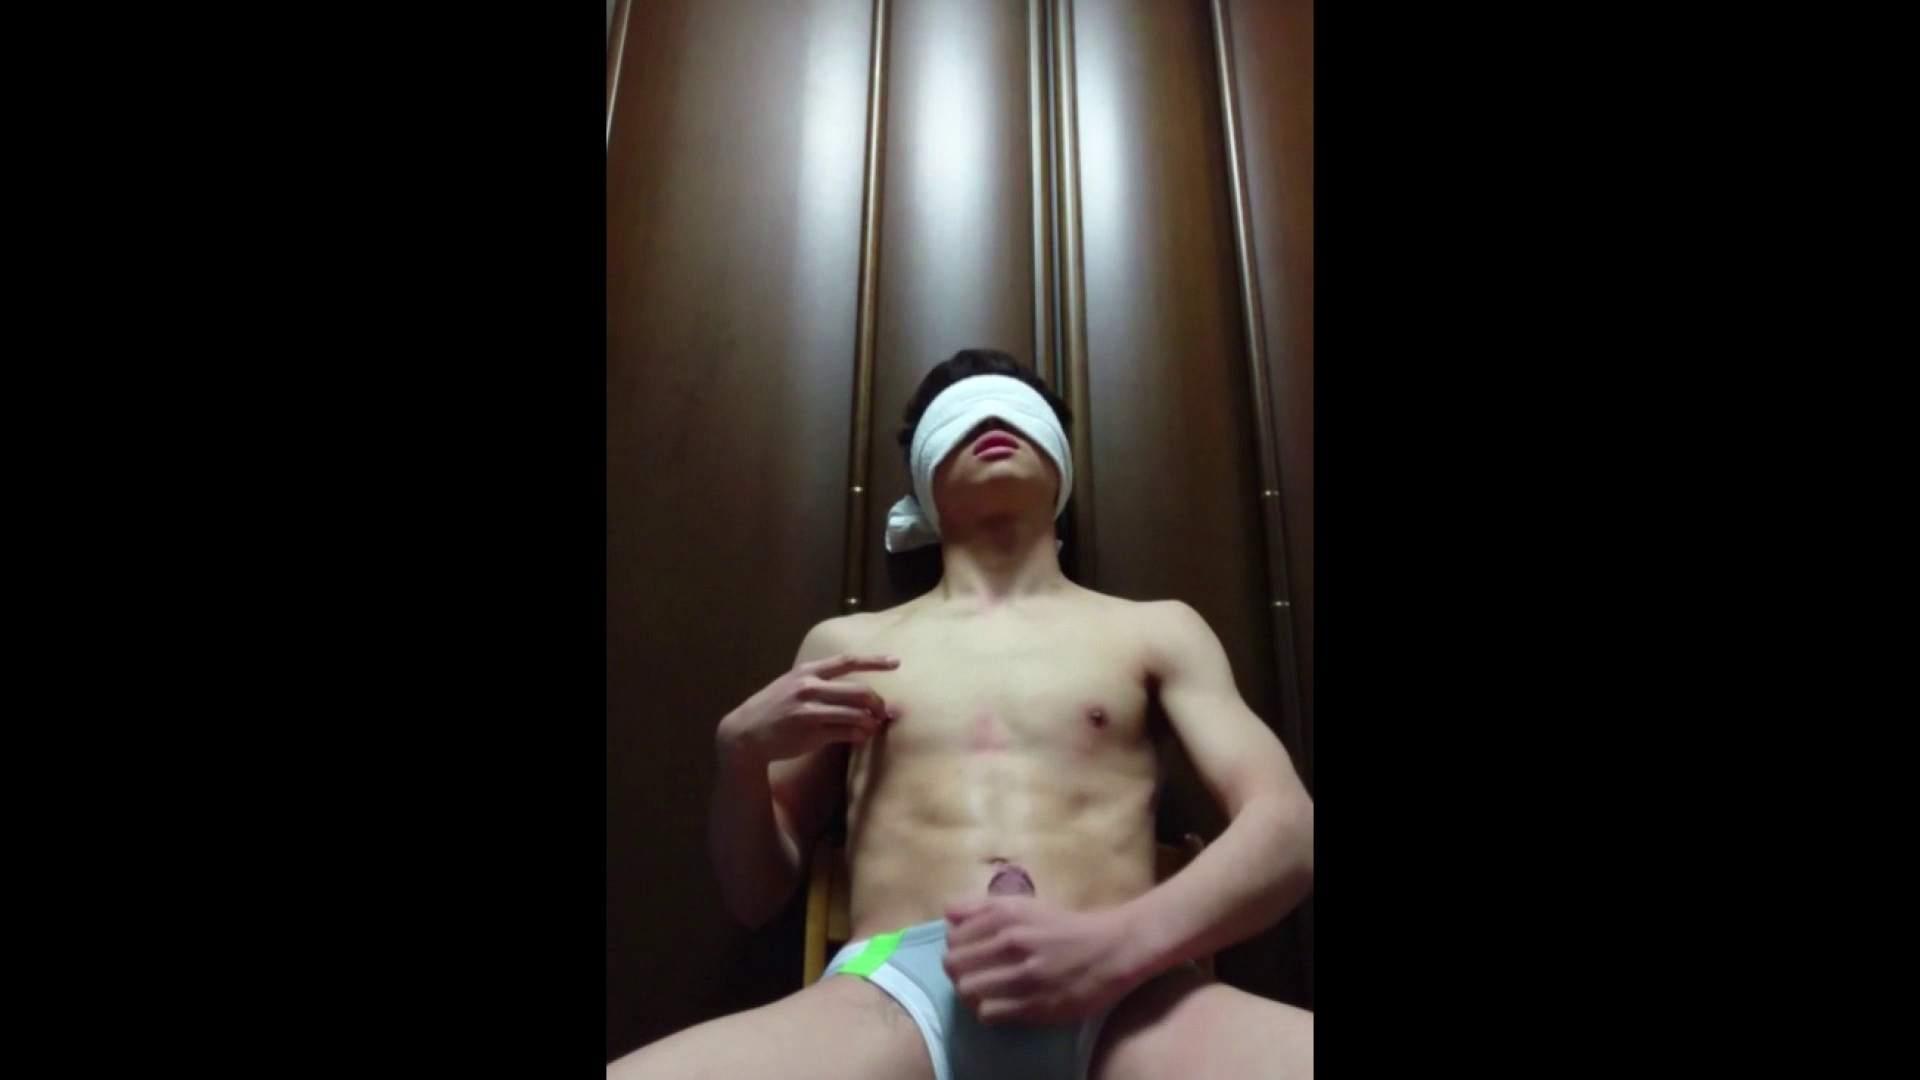 個人撮影 自慰の極意 Vol.21 オナニー  59pic 51